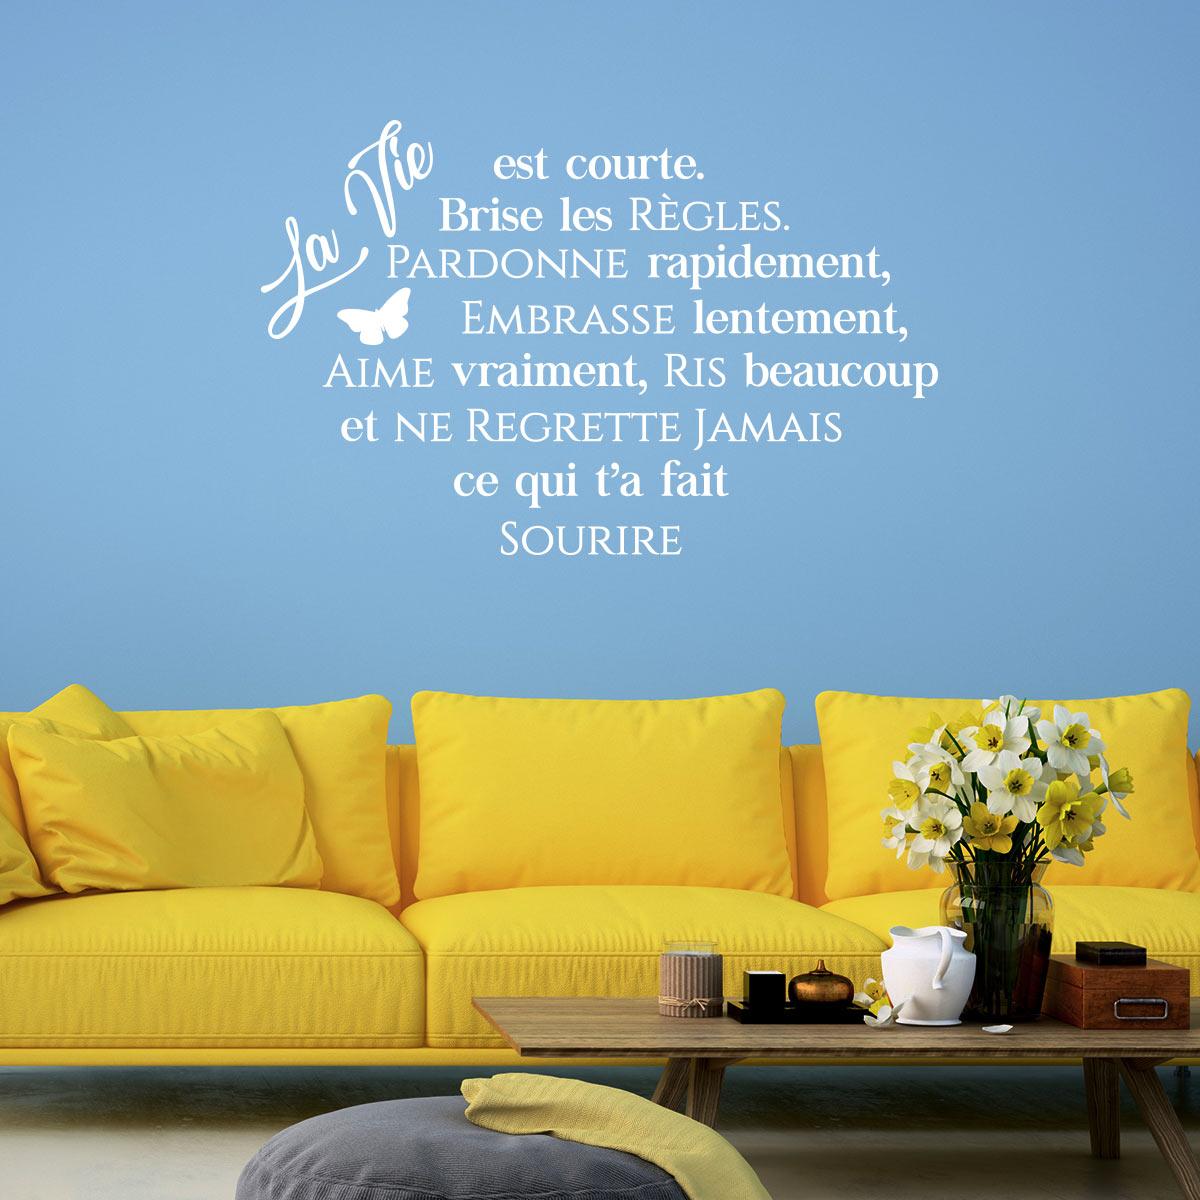 sticker citation la vie est courte stickers citations. Black Bedroom Furniture Sets. Home Design Ideas